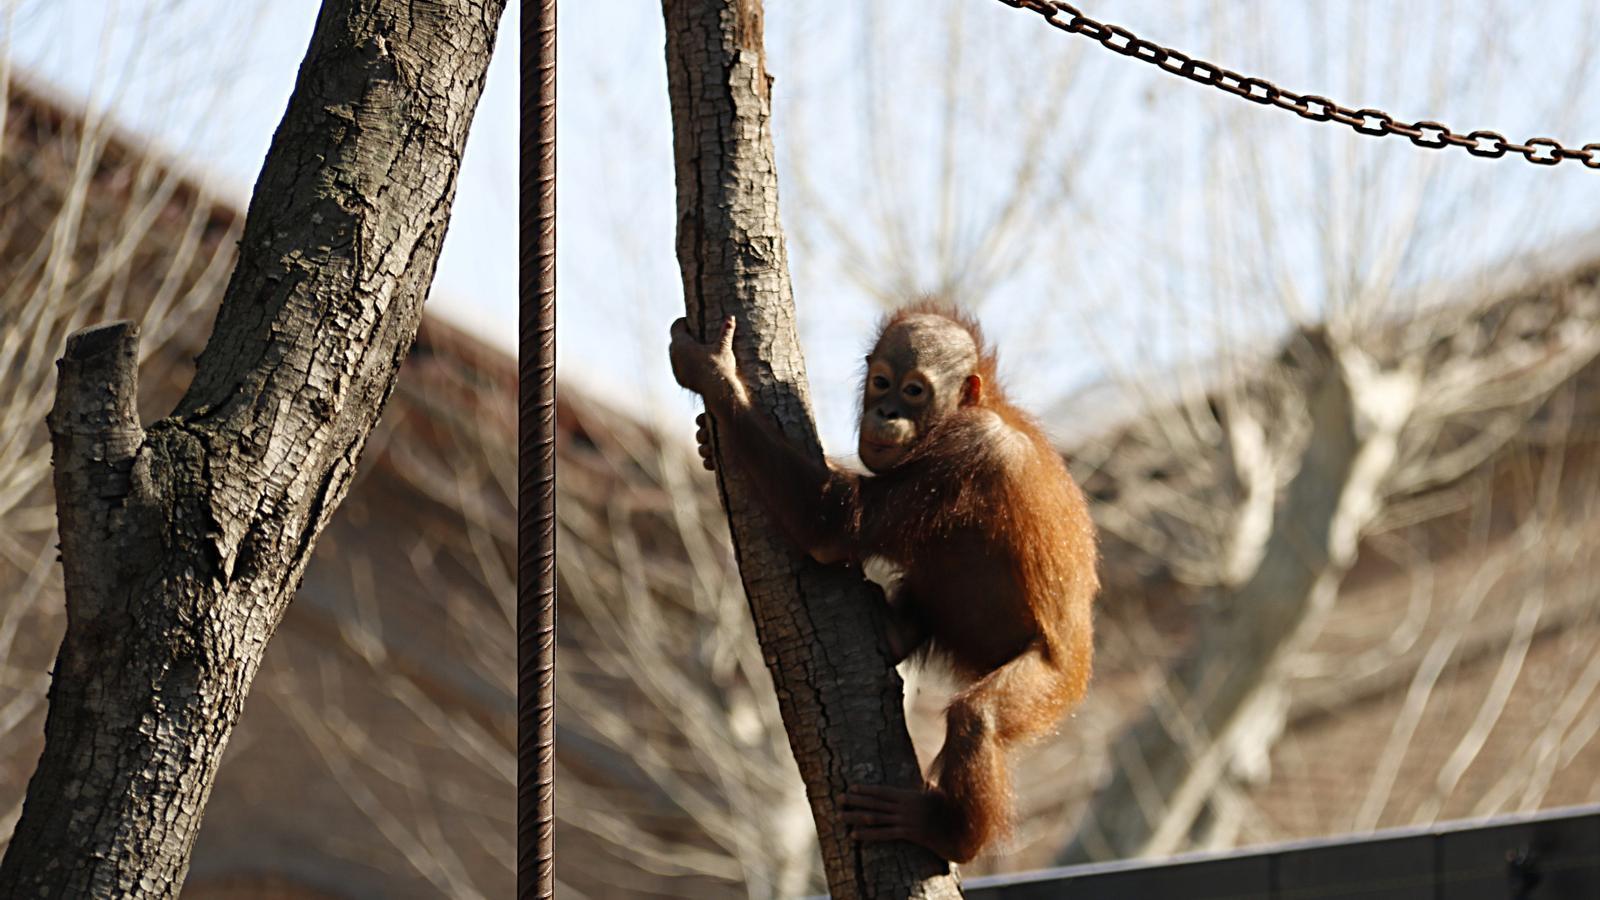 L'espai dels orangutans del Zoo de Barcelona opta a un premi FAD d'arquitectura